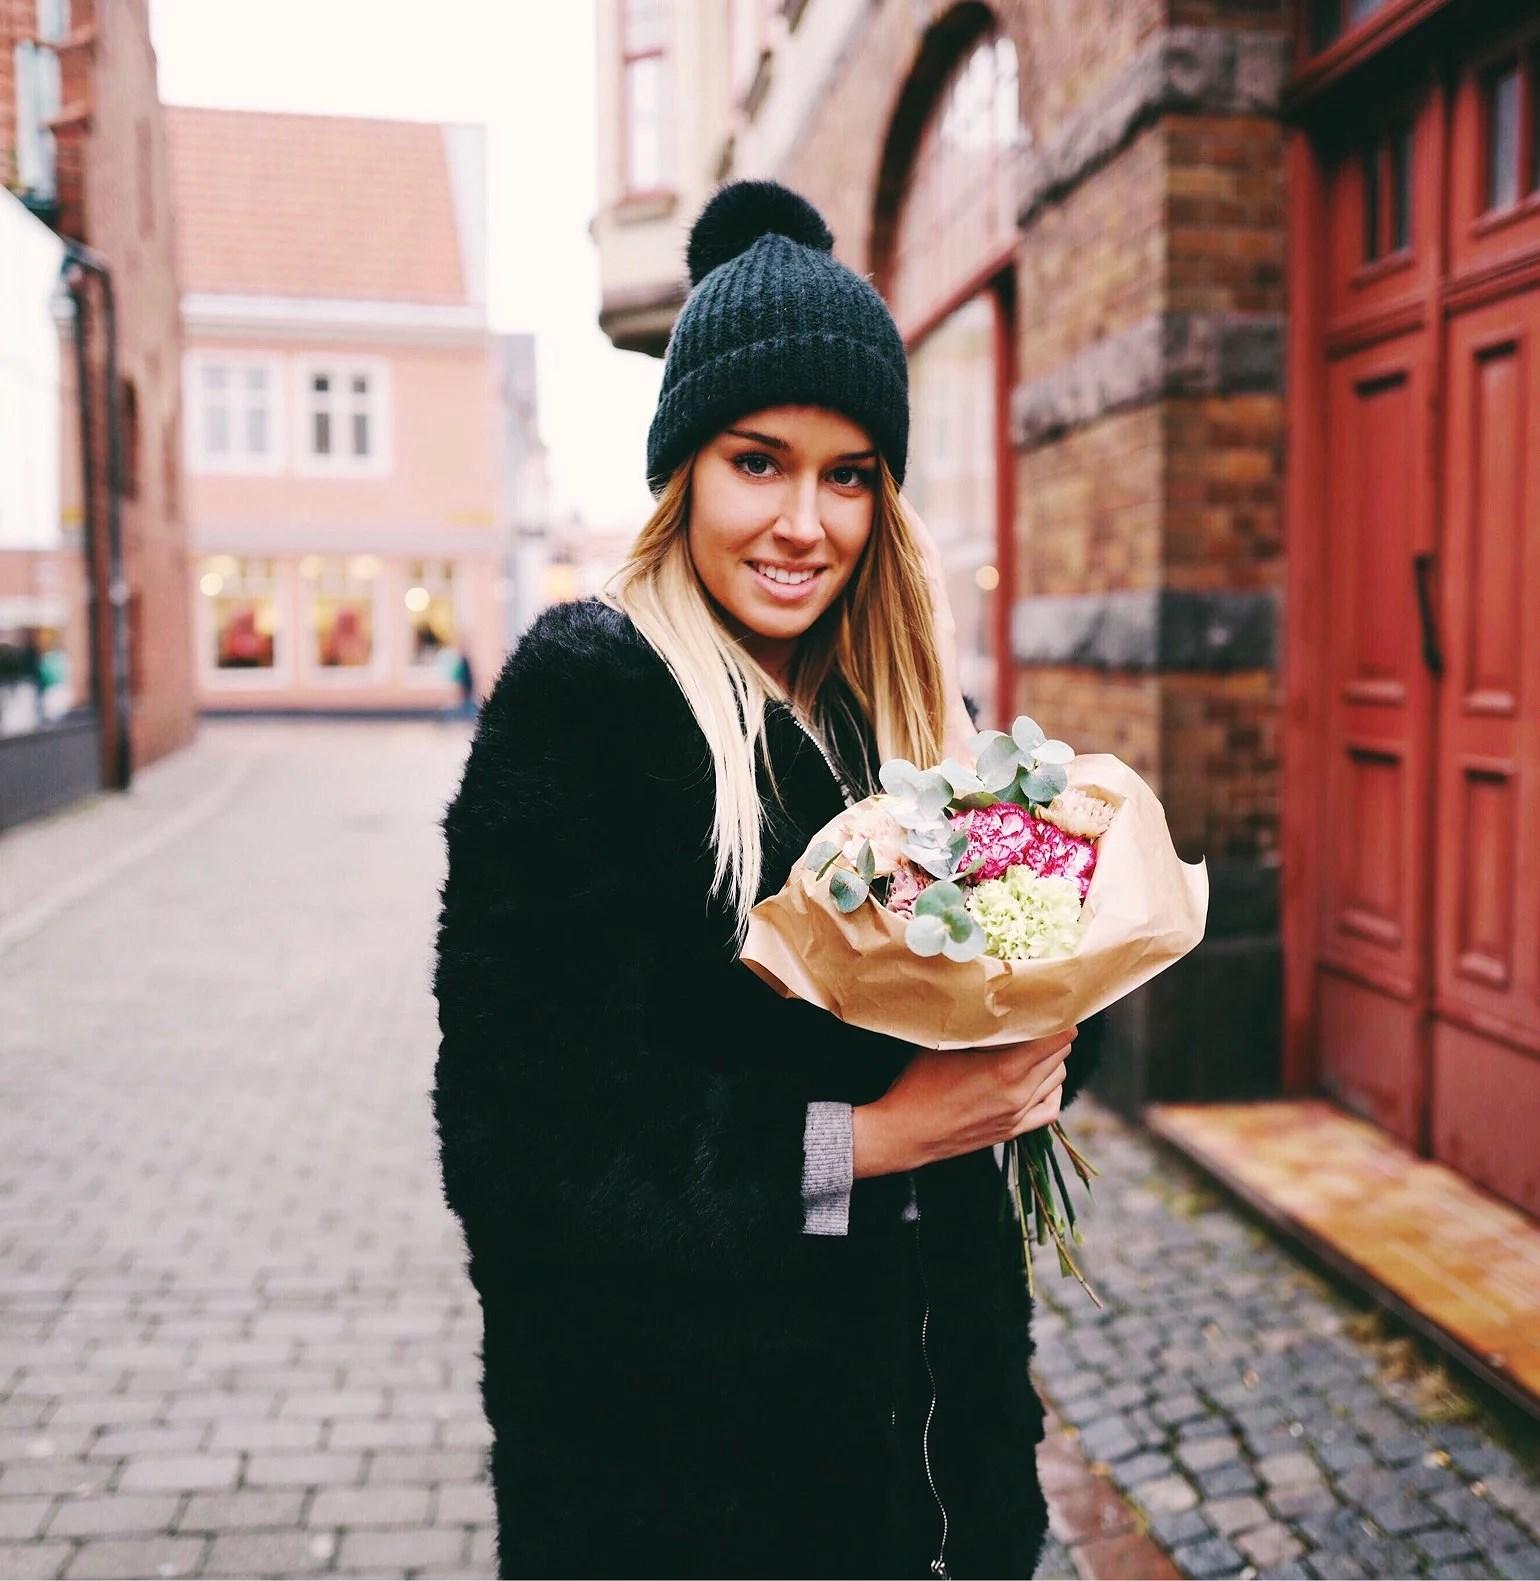 BACK IN SWEDEN